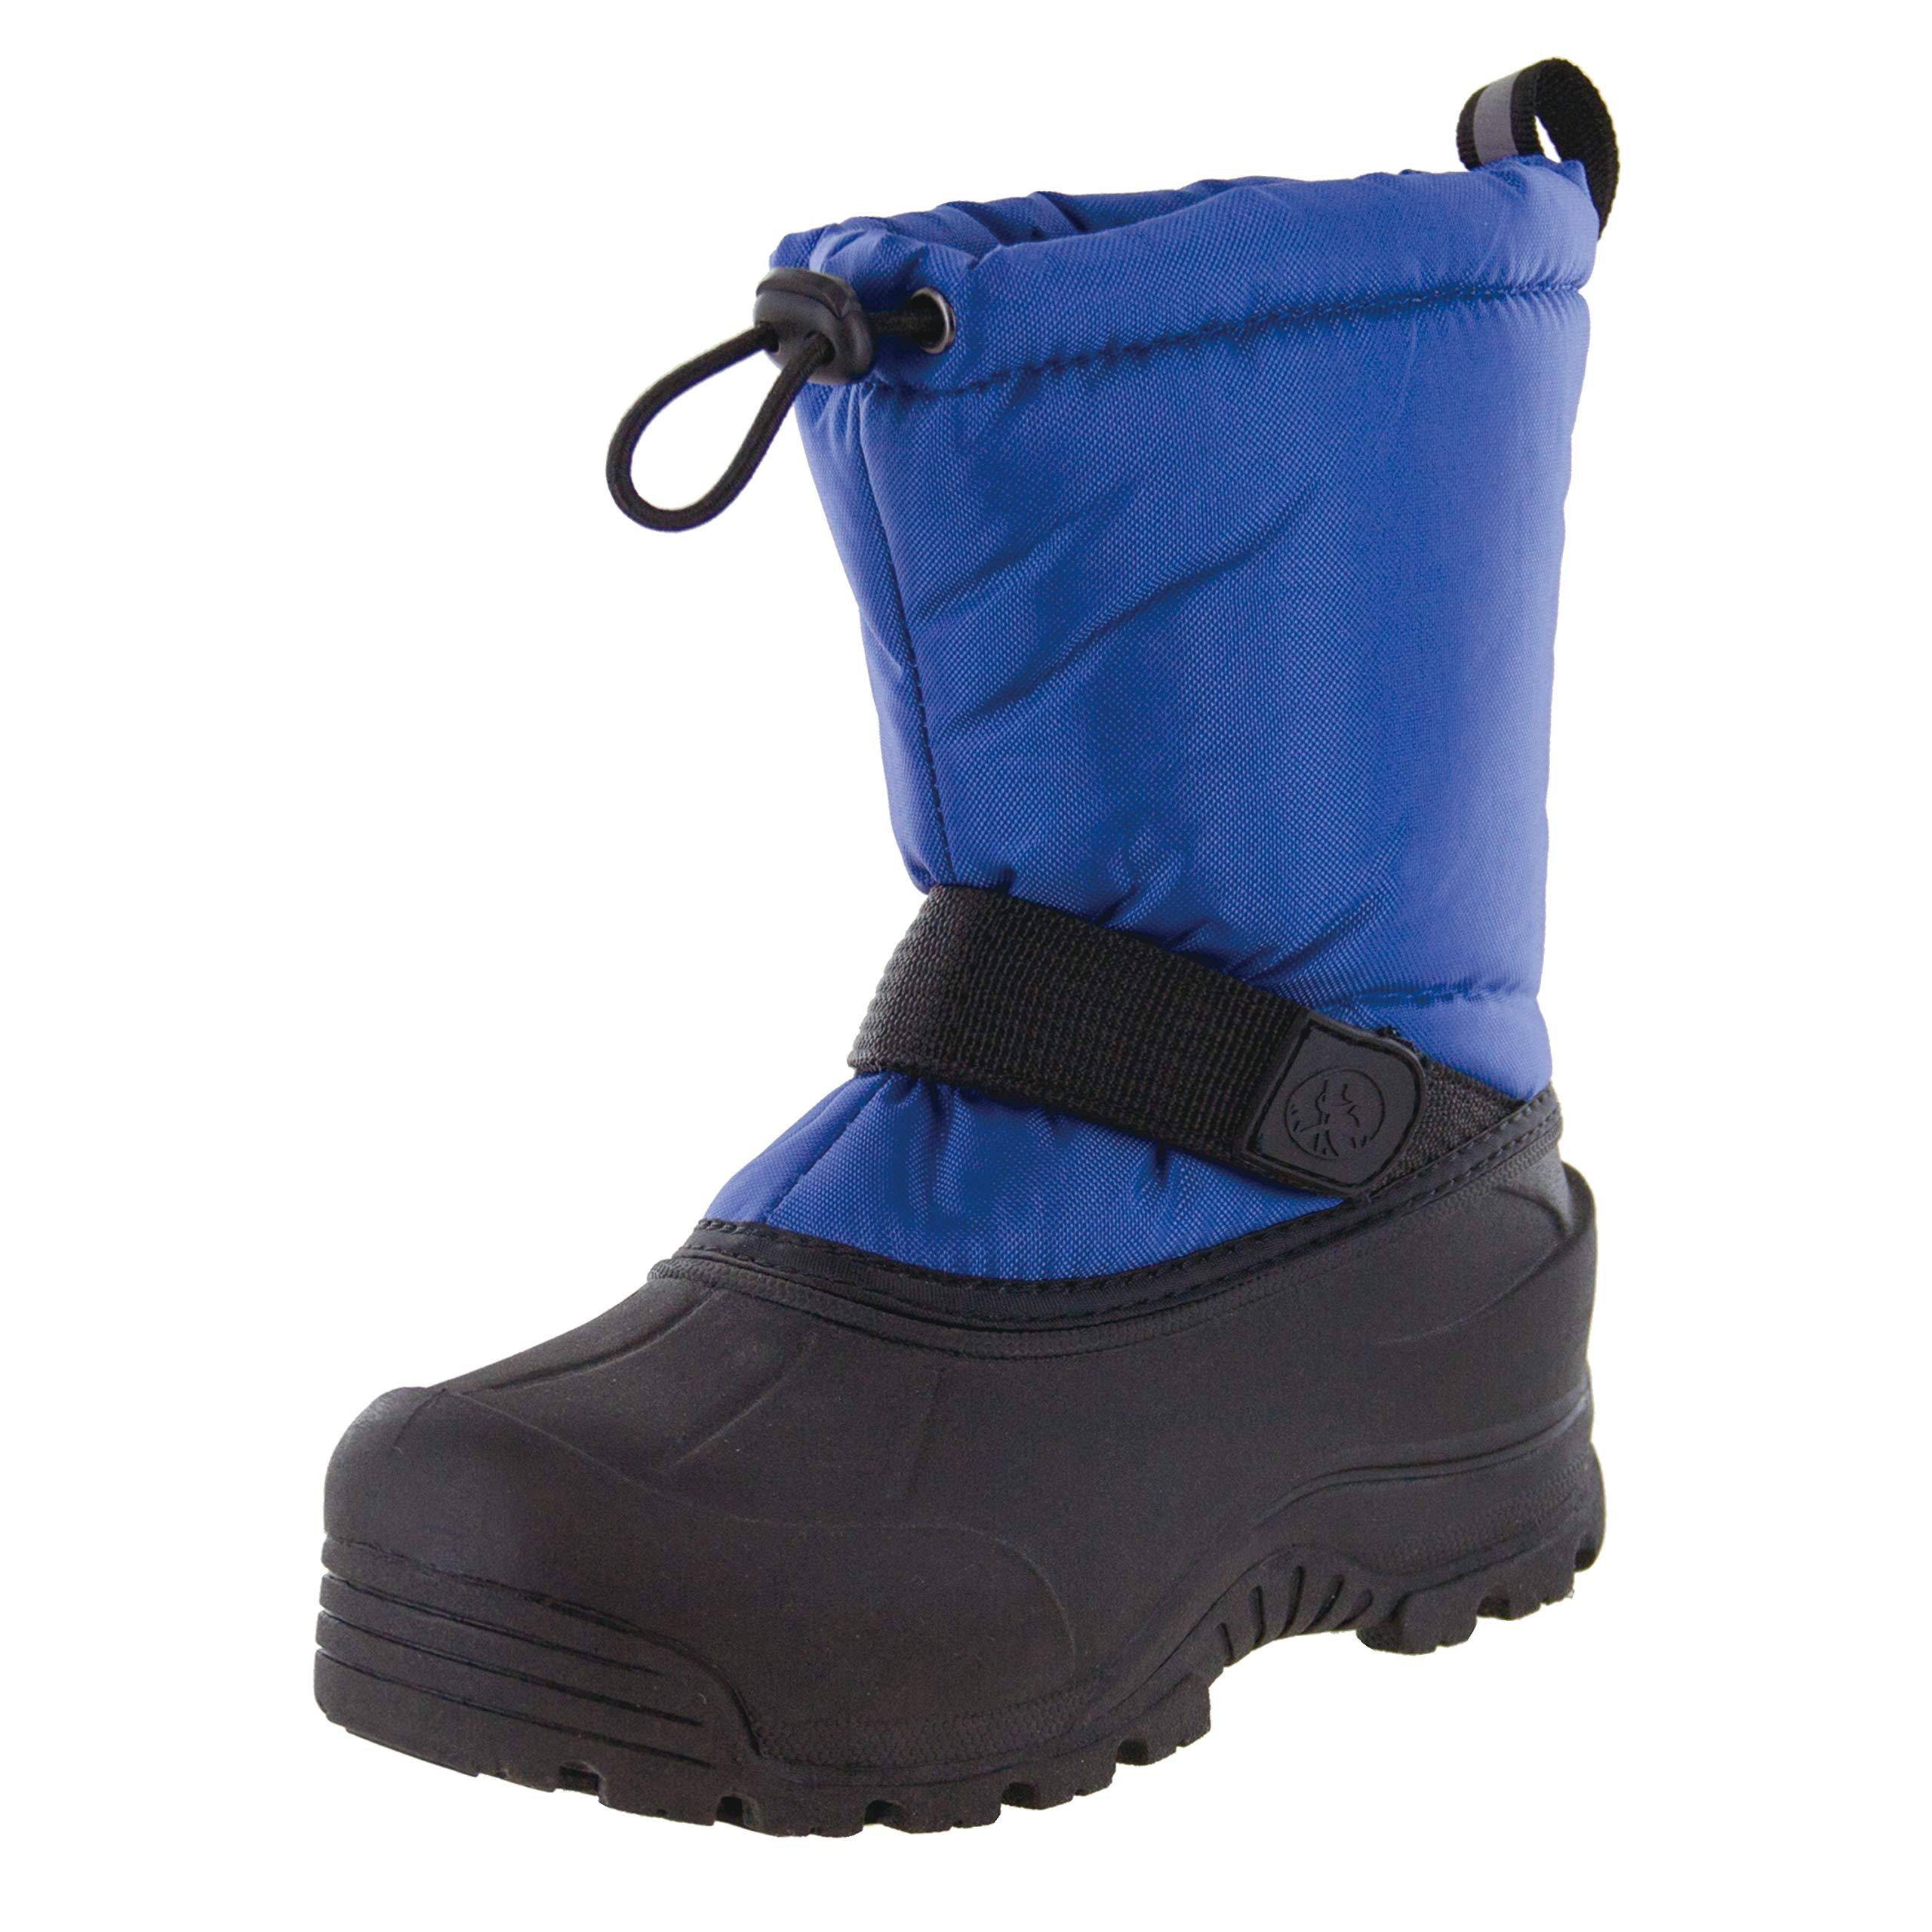 Northside Frosty Winter Boot (Toddler/Little Kid/Big Kid),Royal Blue,6 M US Big Kid